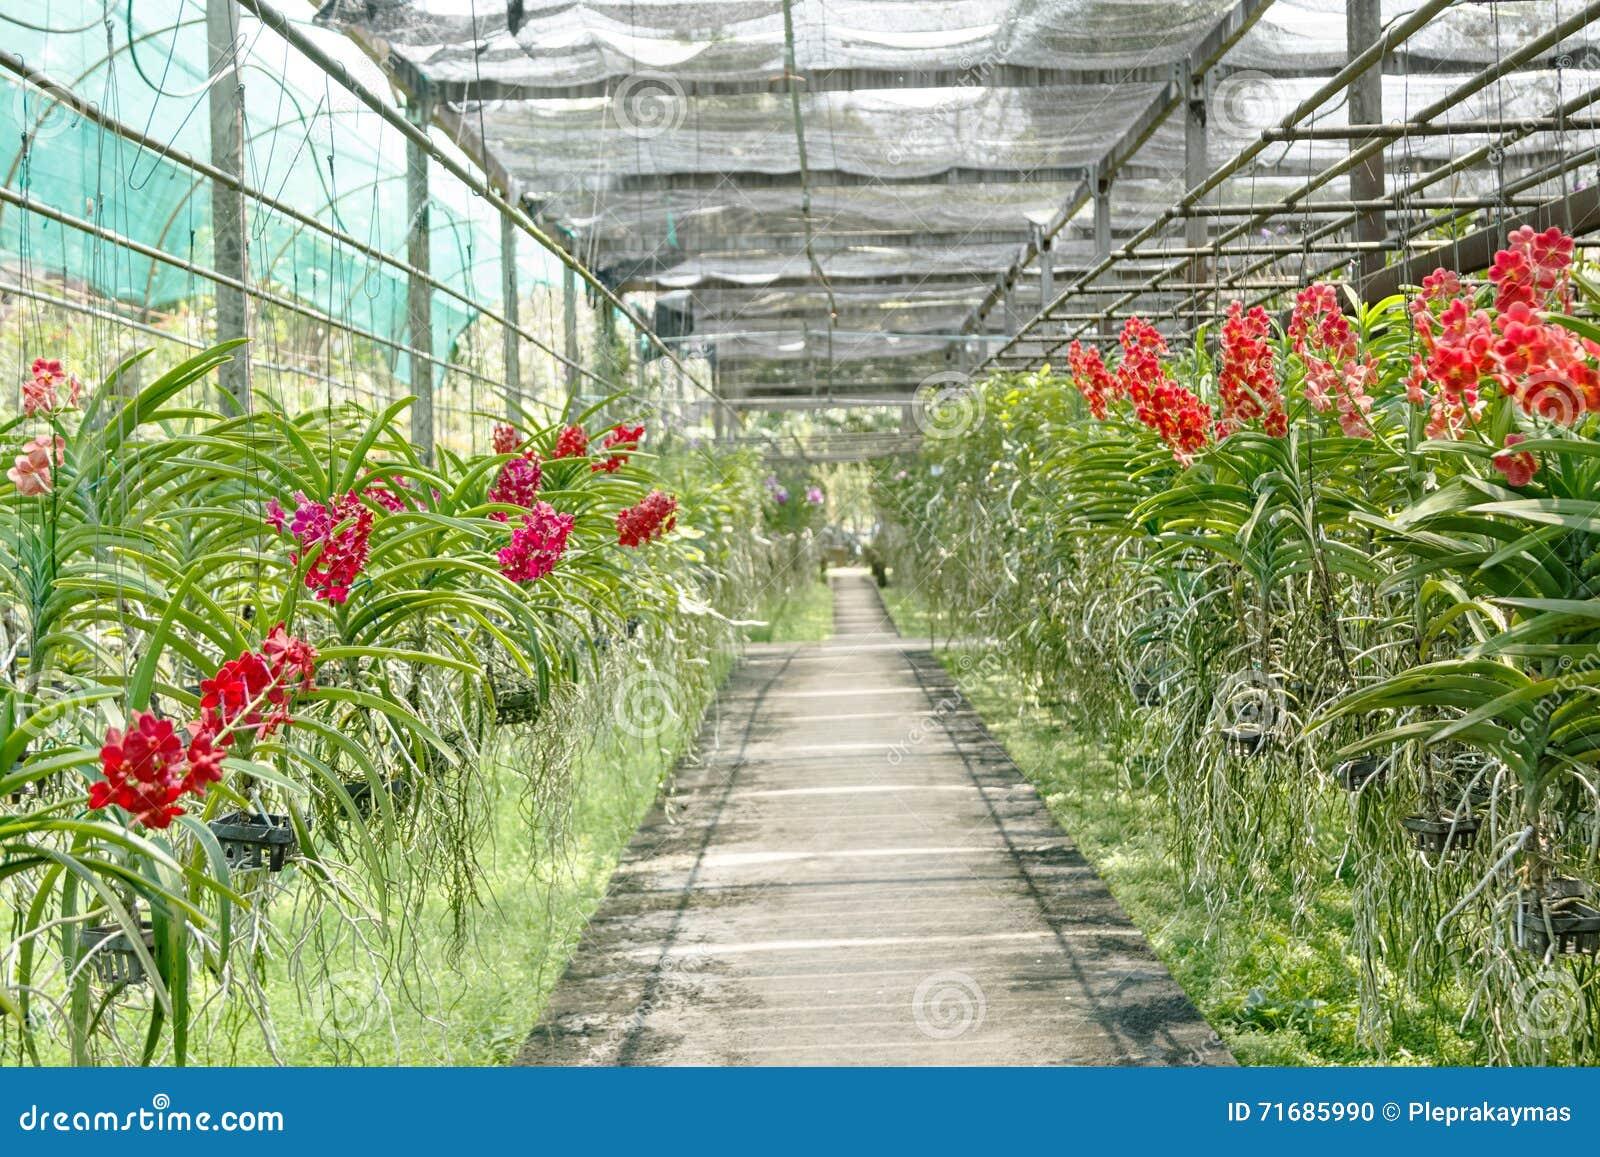 pots de fleur d'orchidée sur une pépinière d'usine photo stock